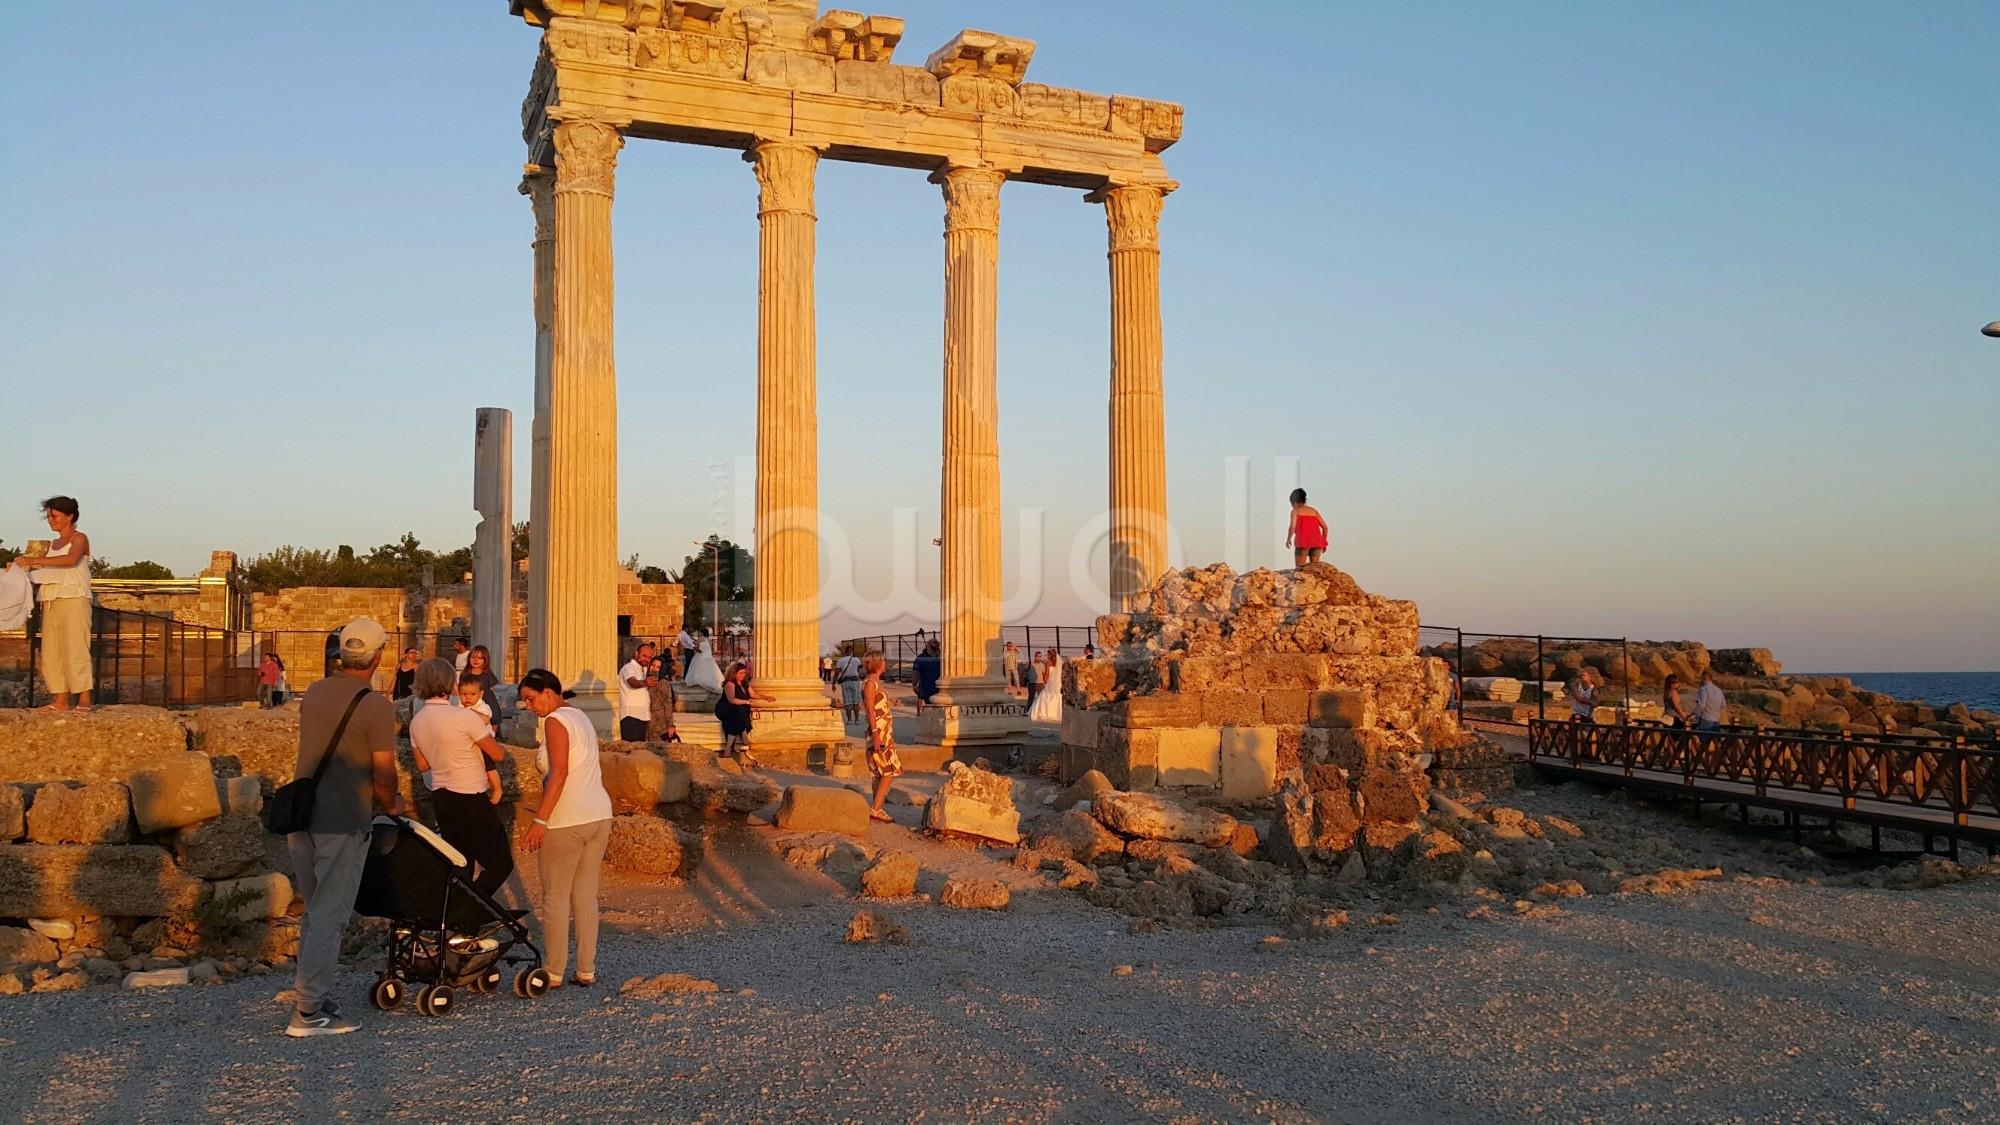 المعبد الروماني في انطاليا